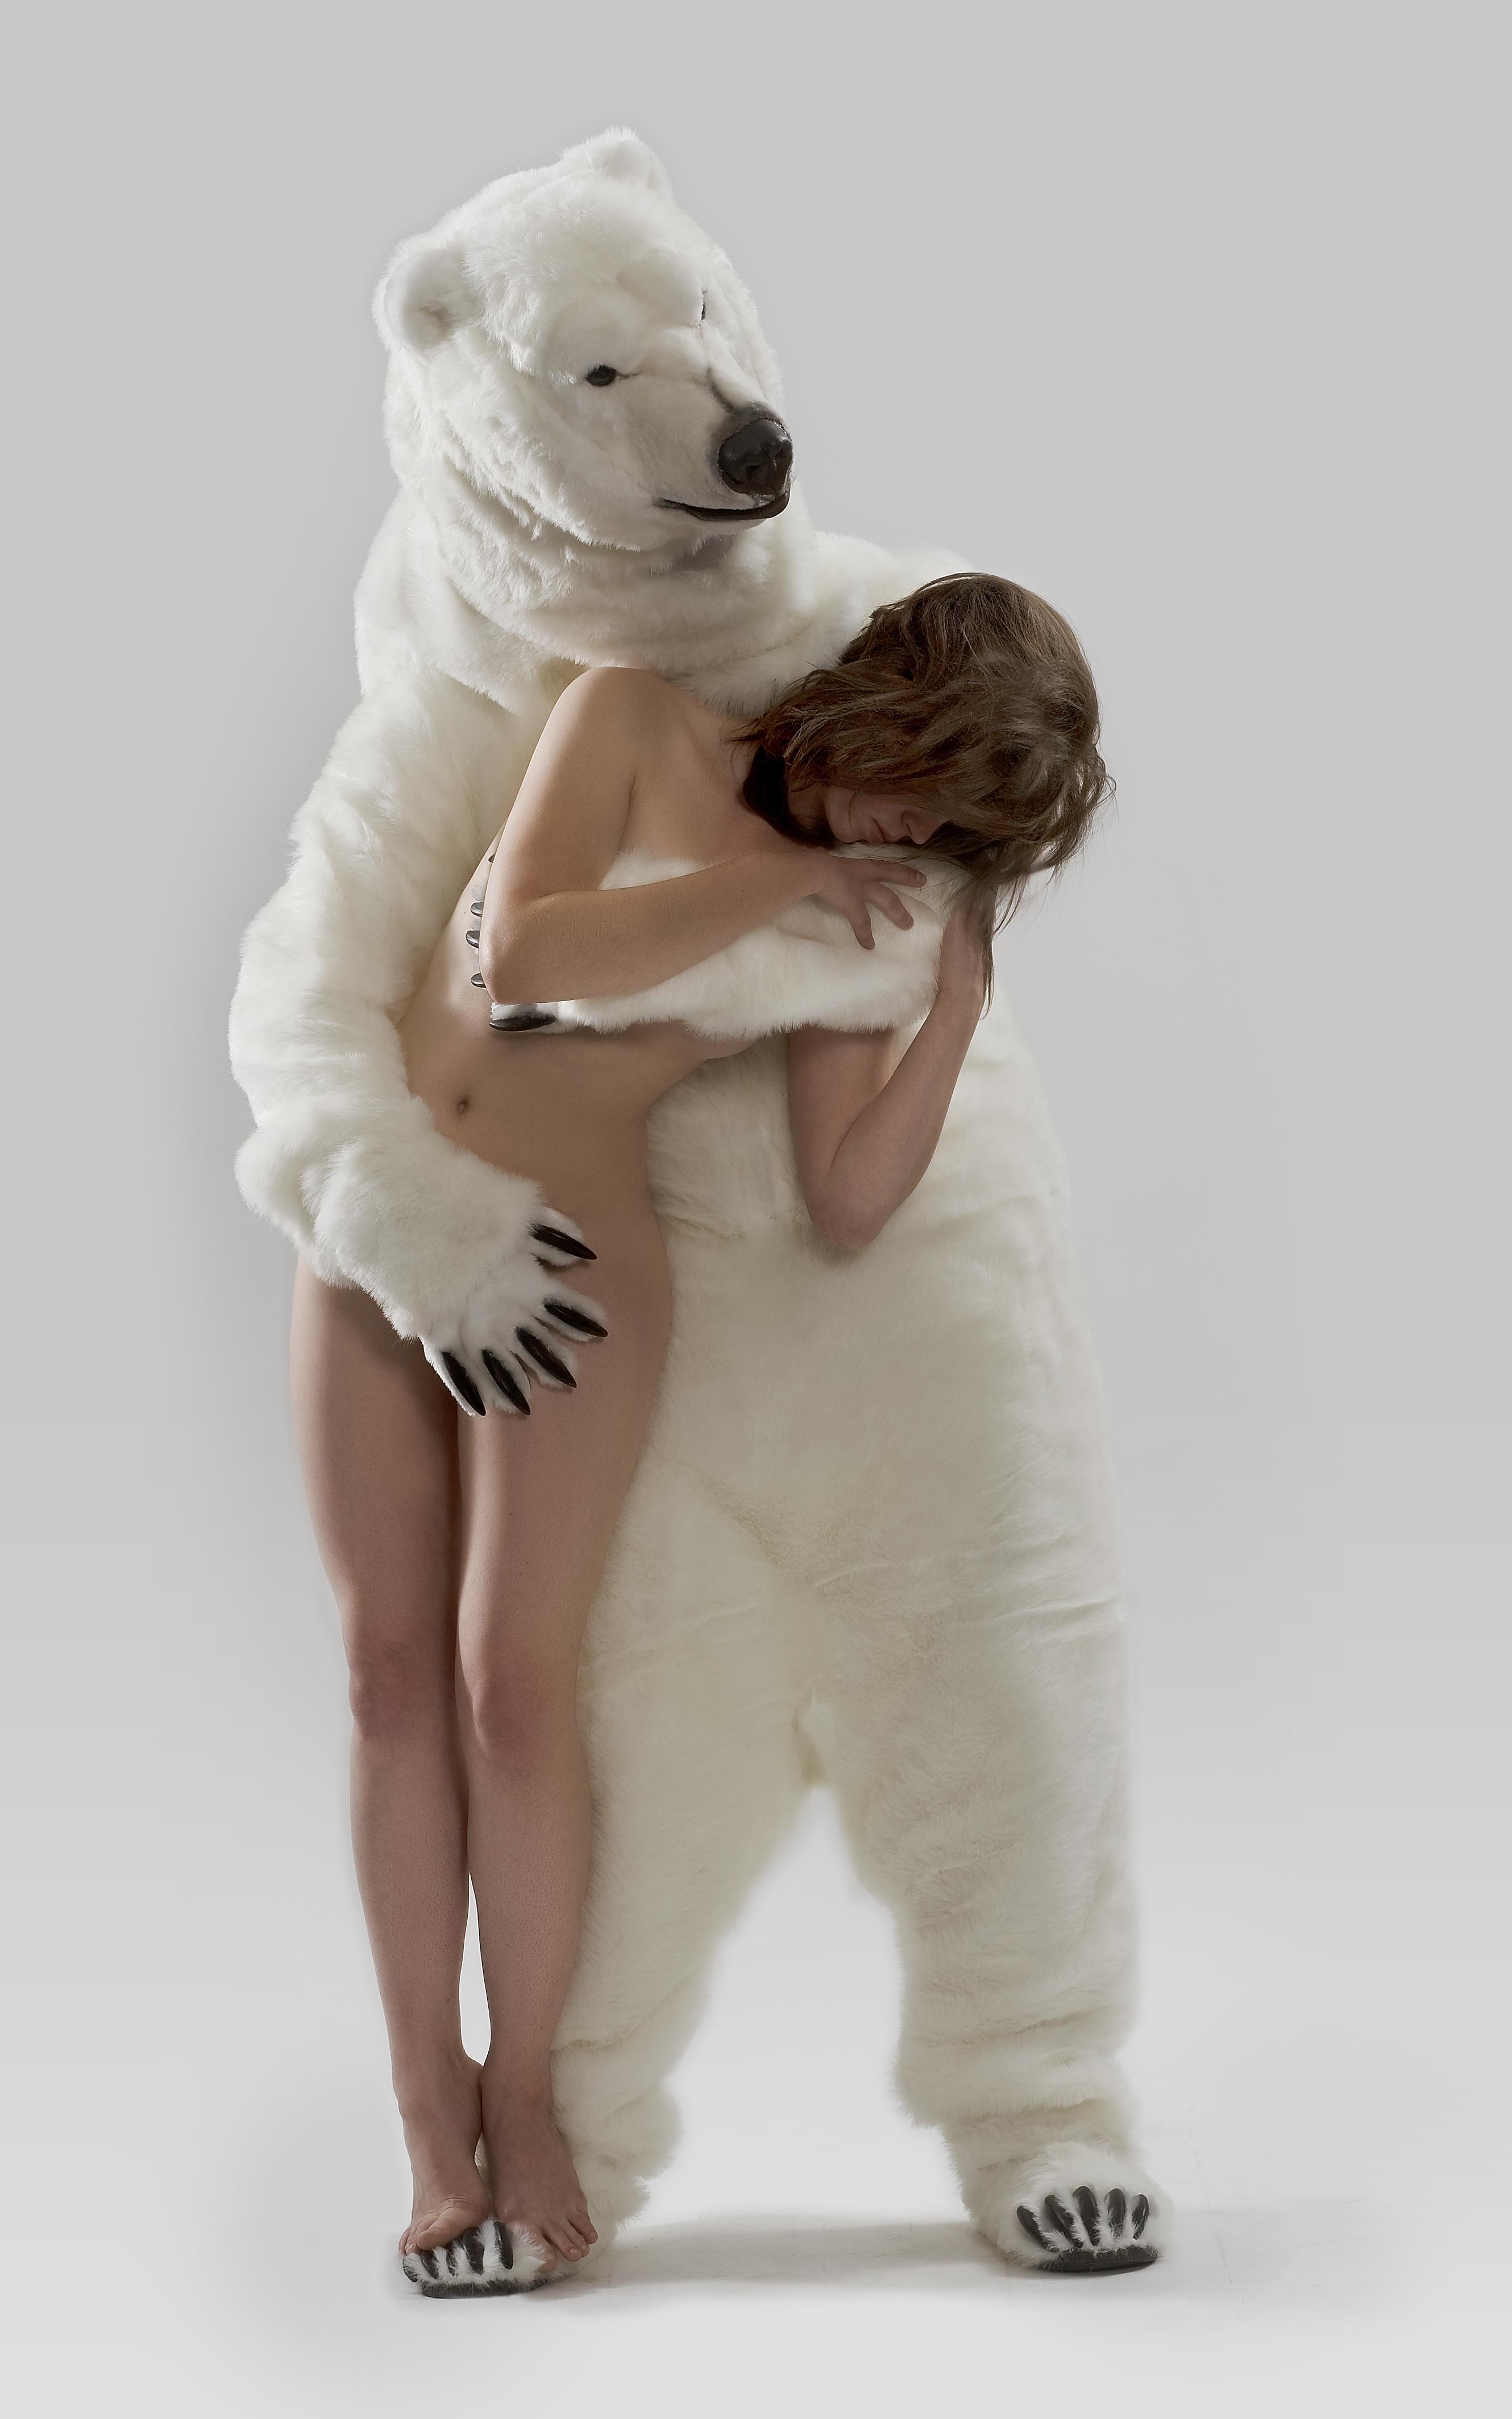 Смотреть стриптиз белый медведь 28 фотография